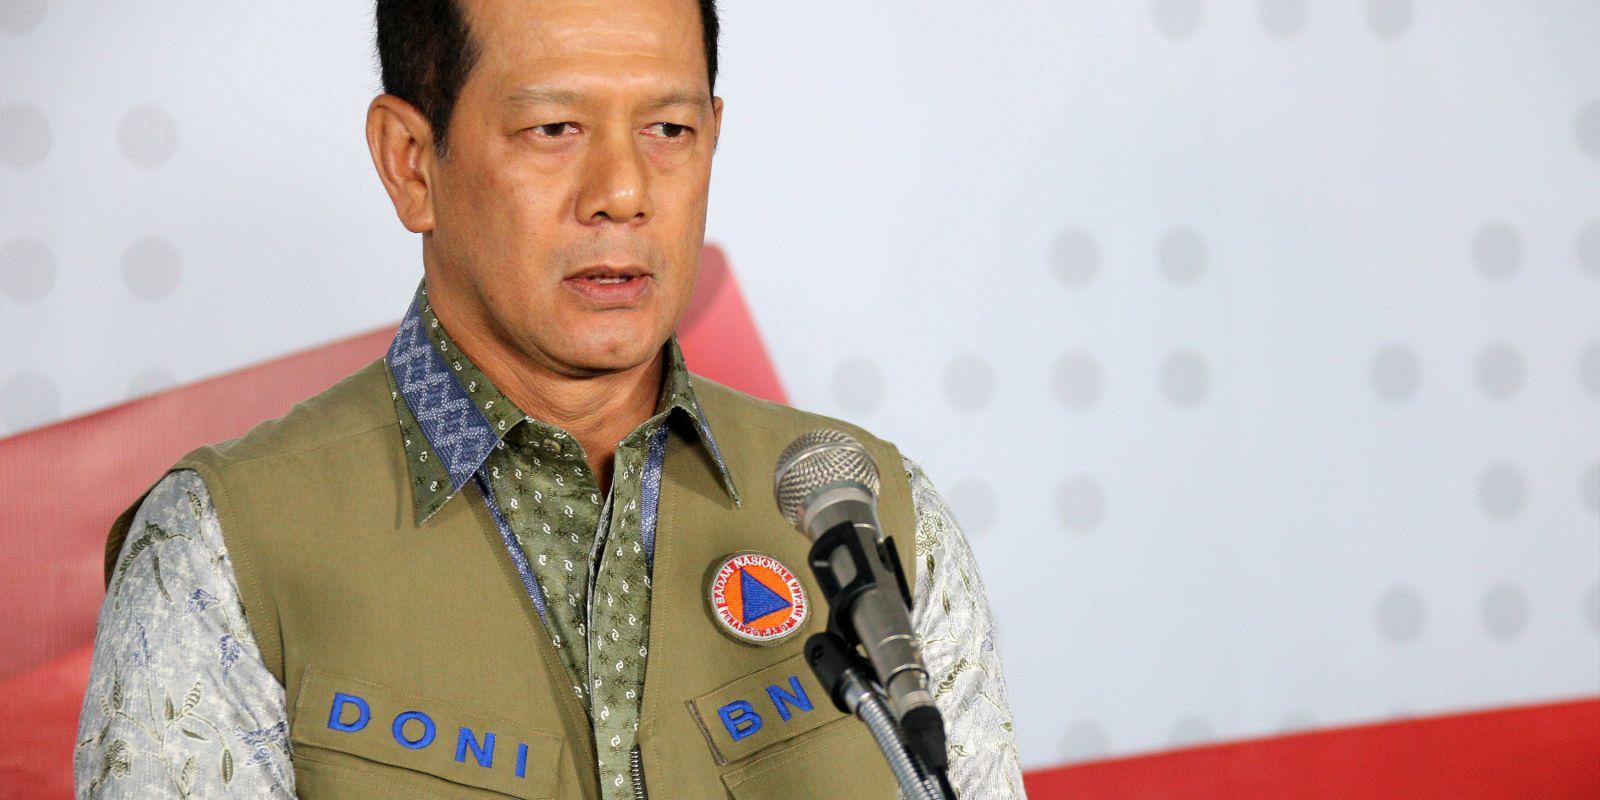 Doni Monardo, Ketua Satgas Covid-19 Positif Corona. Foto: BNPB